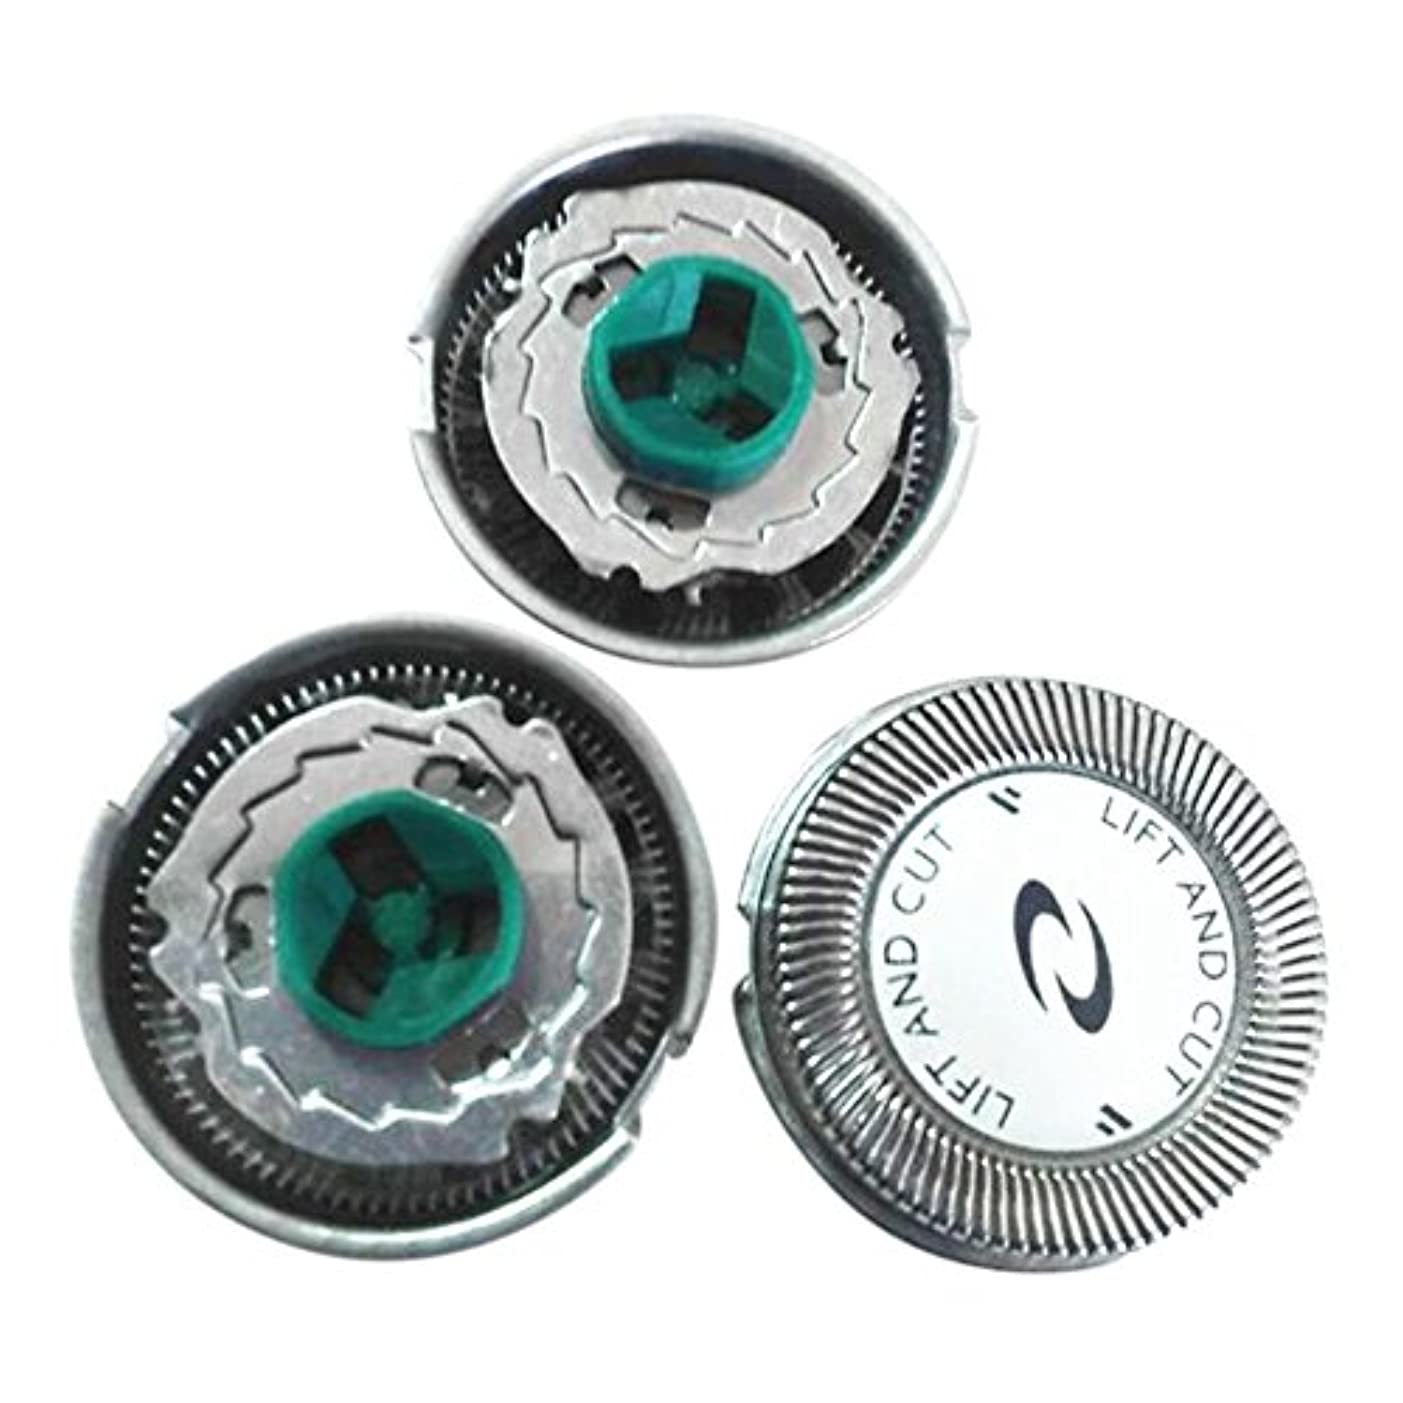 発表私たち自身くぼみHZjundasi 3x Replacement シェーバーヘッドフォイル+Cutters for Philip HQ6070 7310XL PT726/720